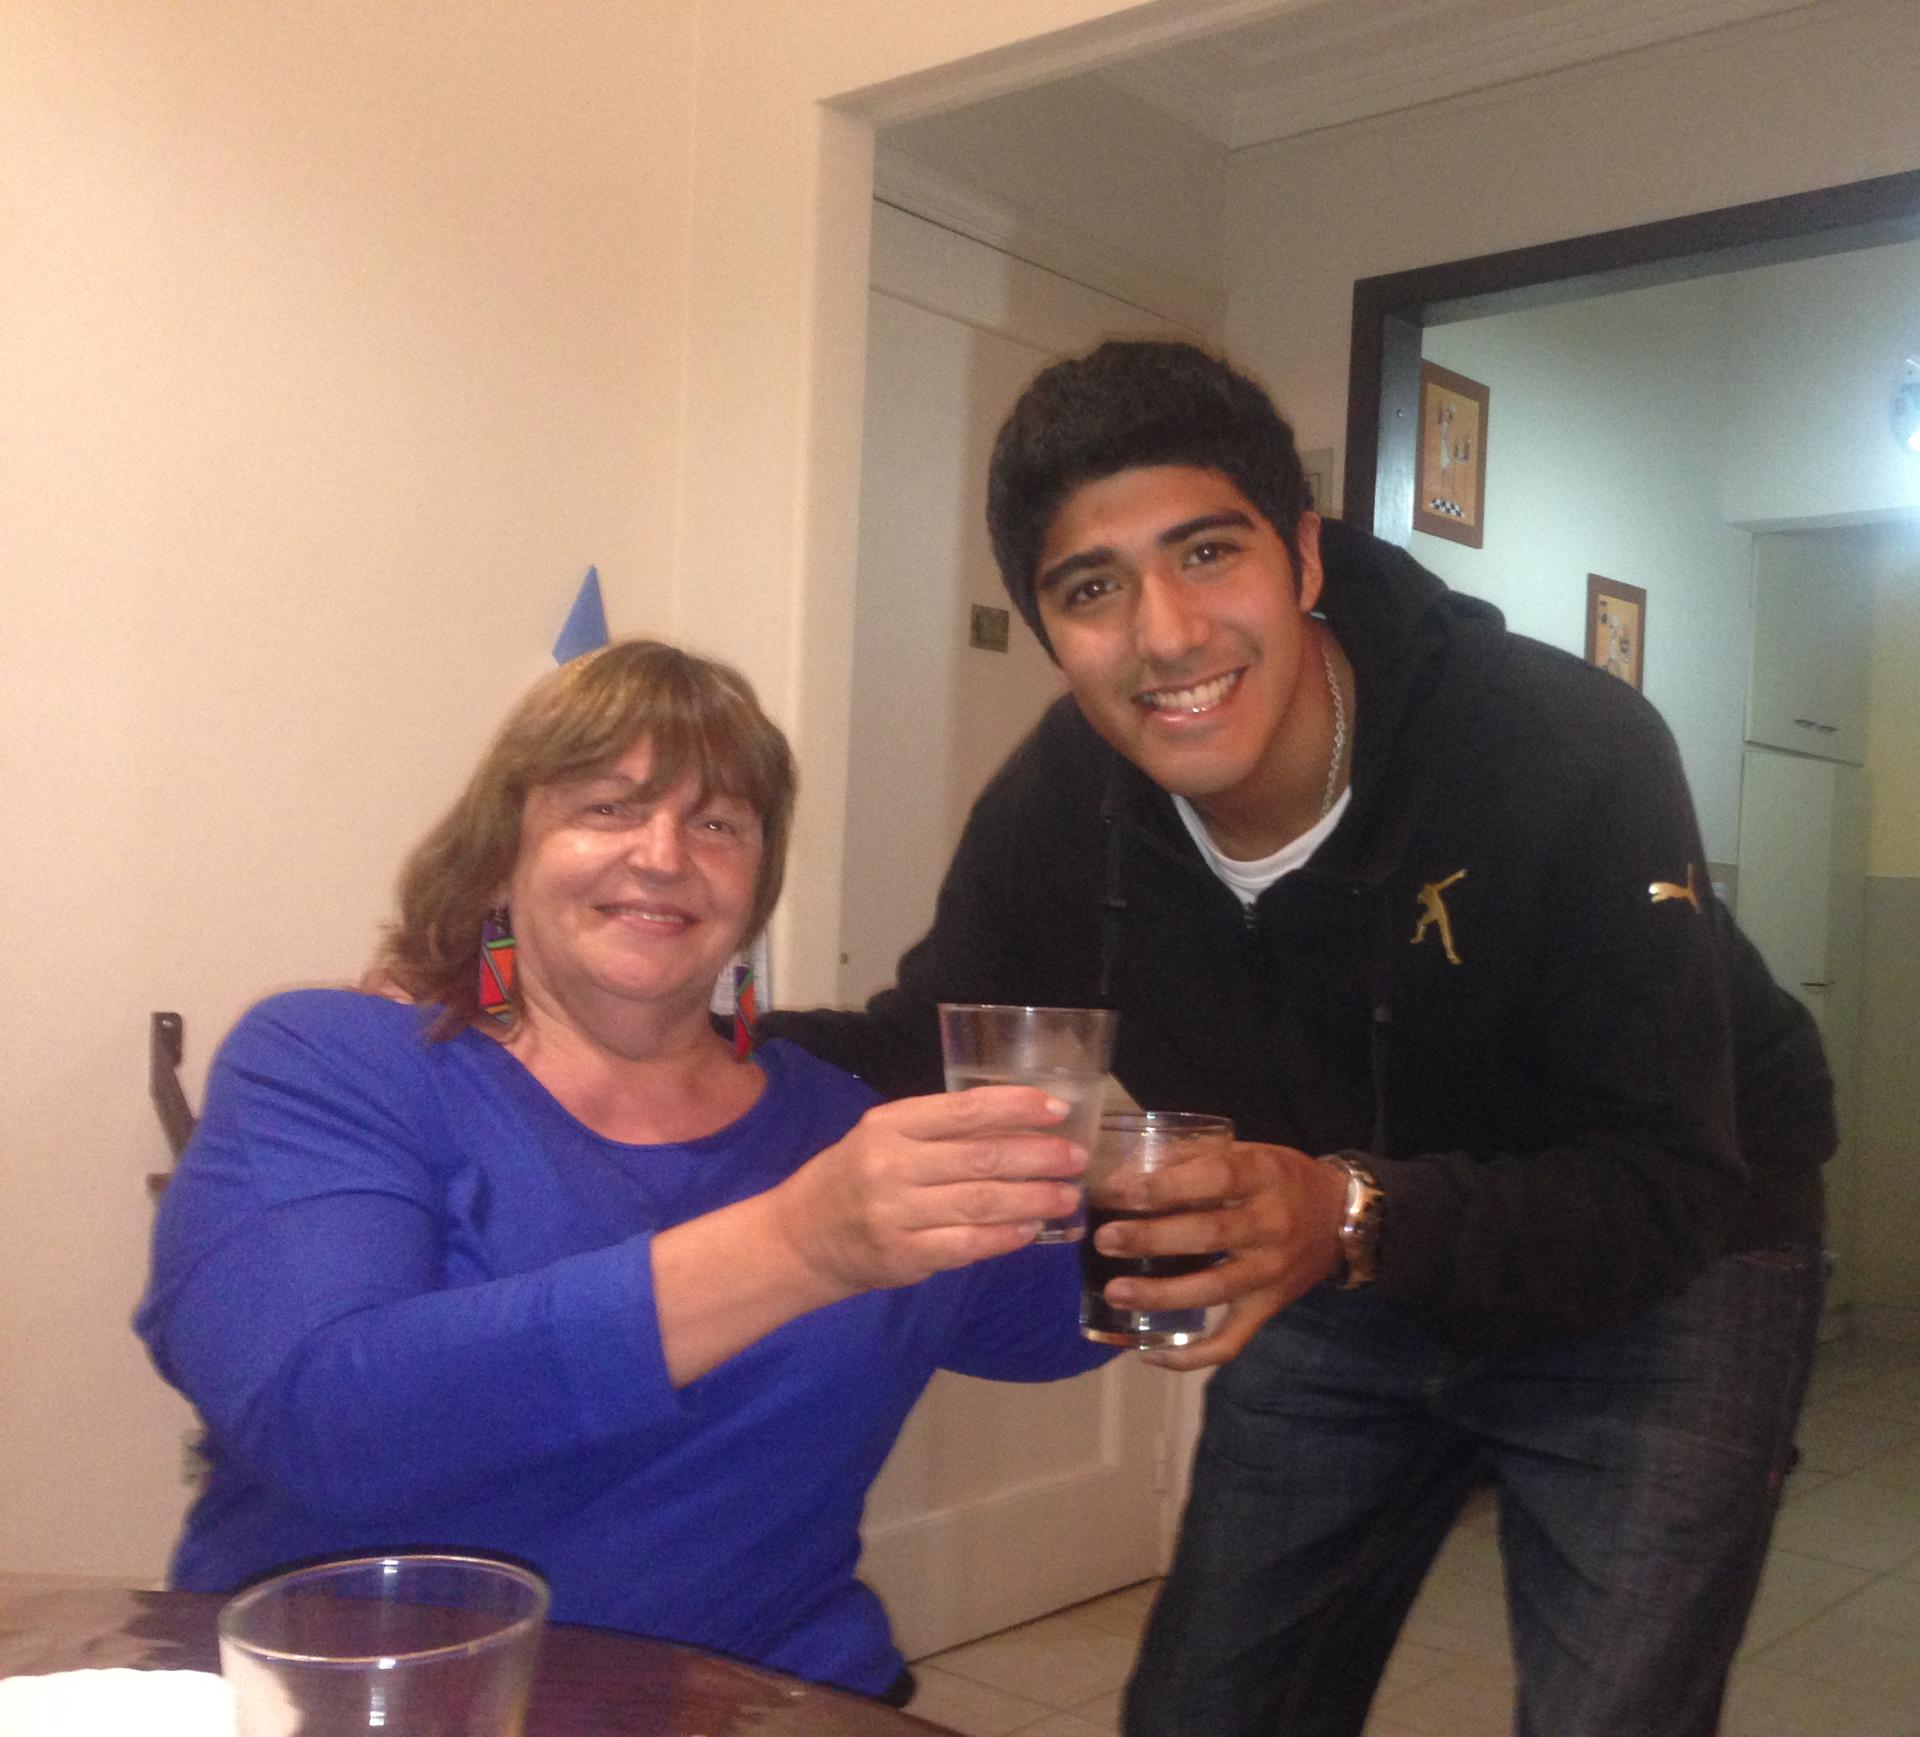 Silvia junto a su hijo Federico, con quien comparten la pasión por el deporte